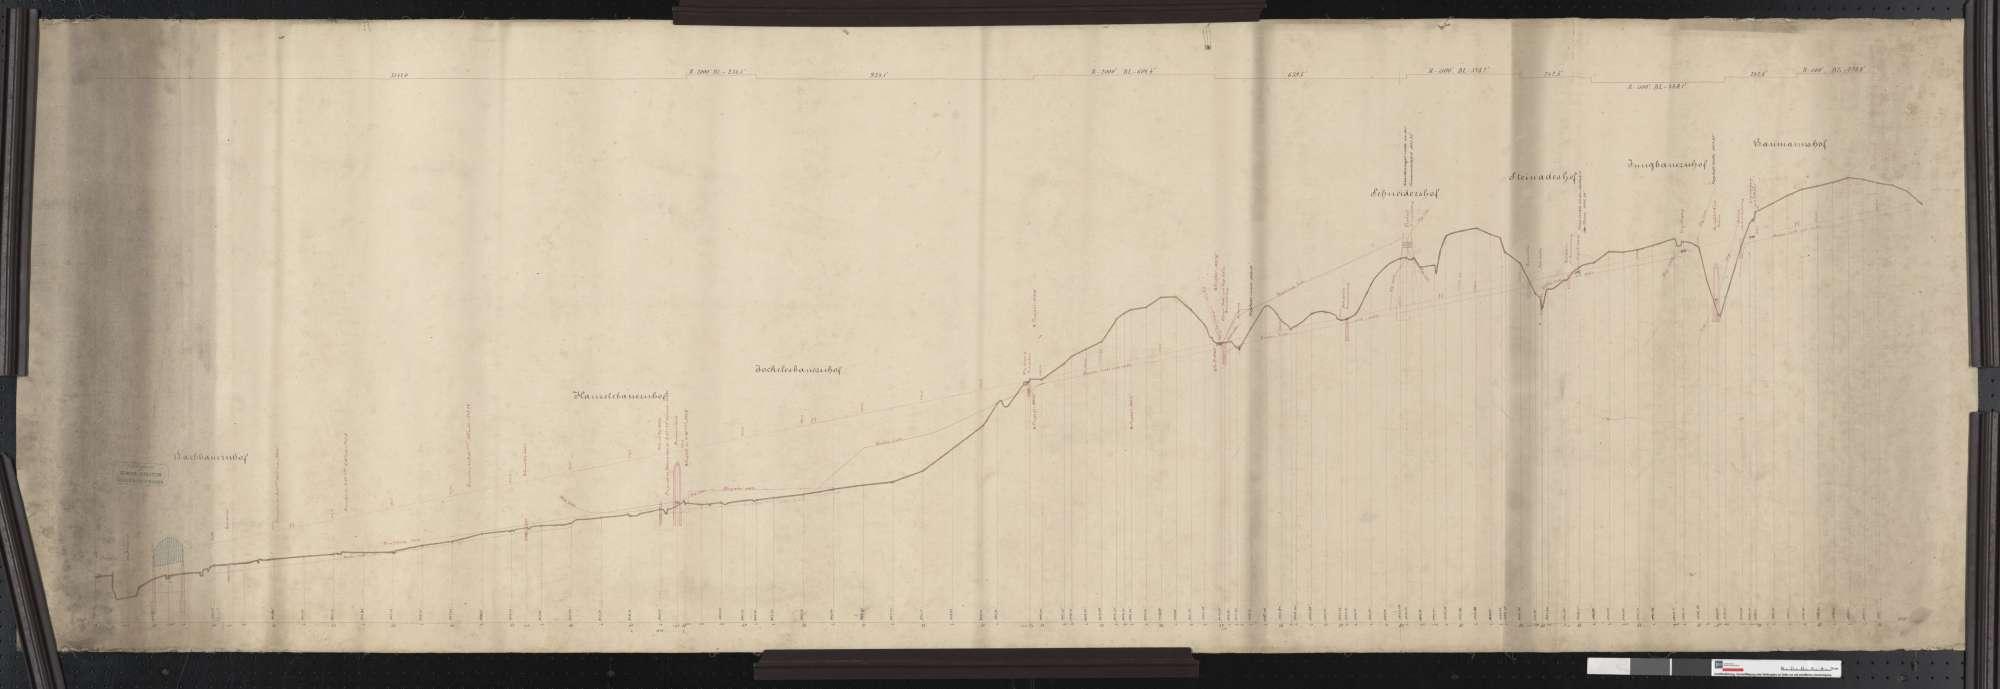 Nivellement der Bahn von Hausach bis Hornberg: Gutach Streckenausschnitt: ca. 36,0 bis ca. 38,7 km, Bild 1